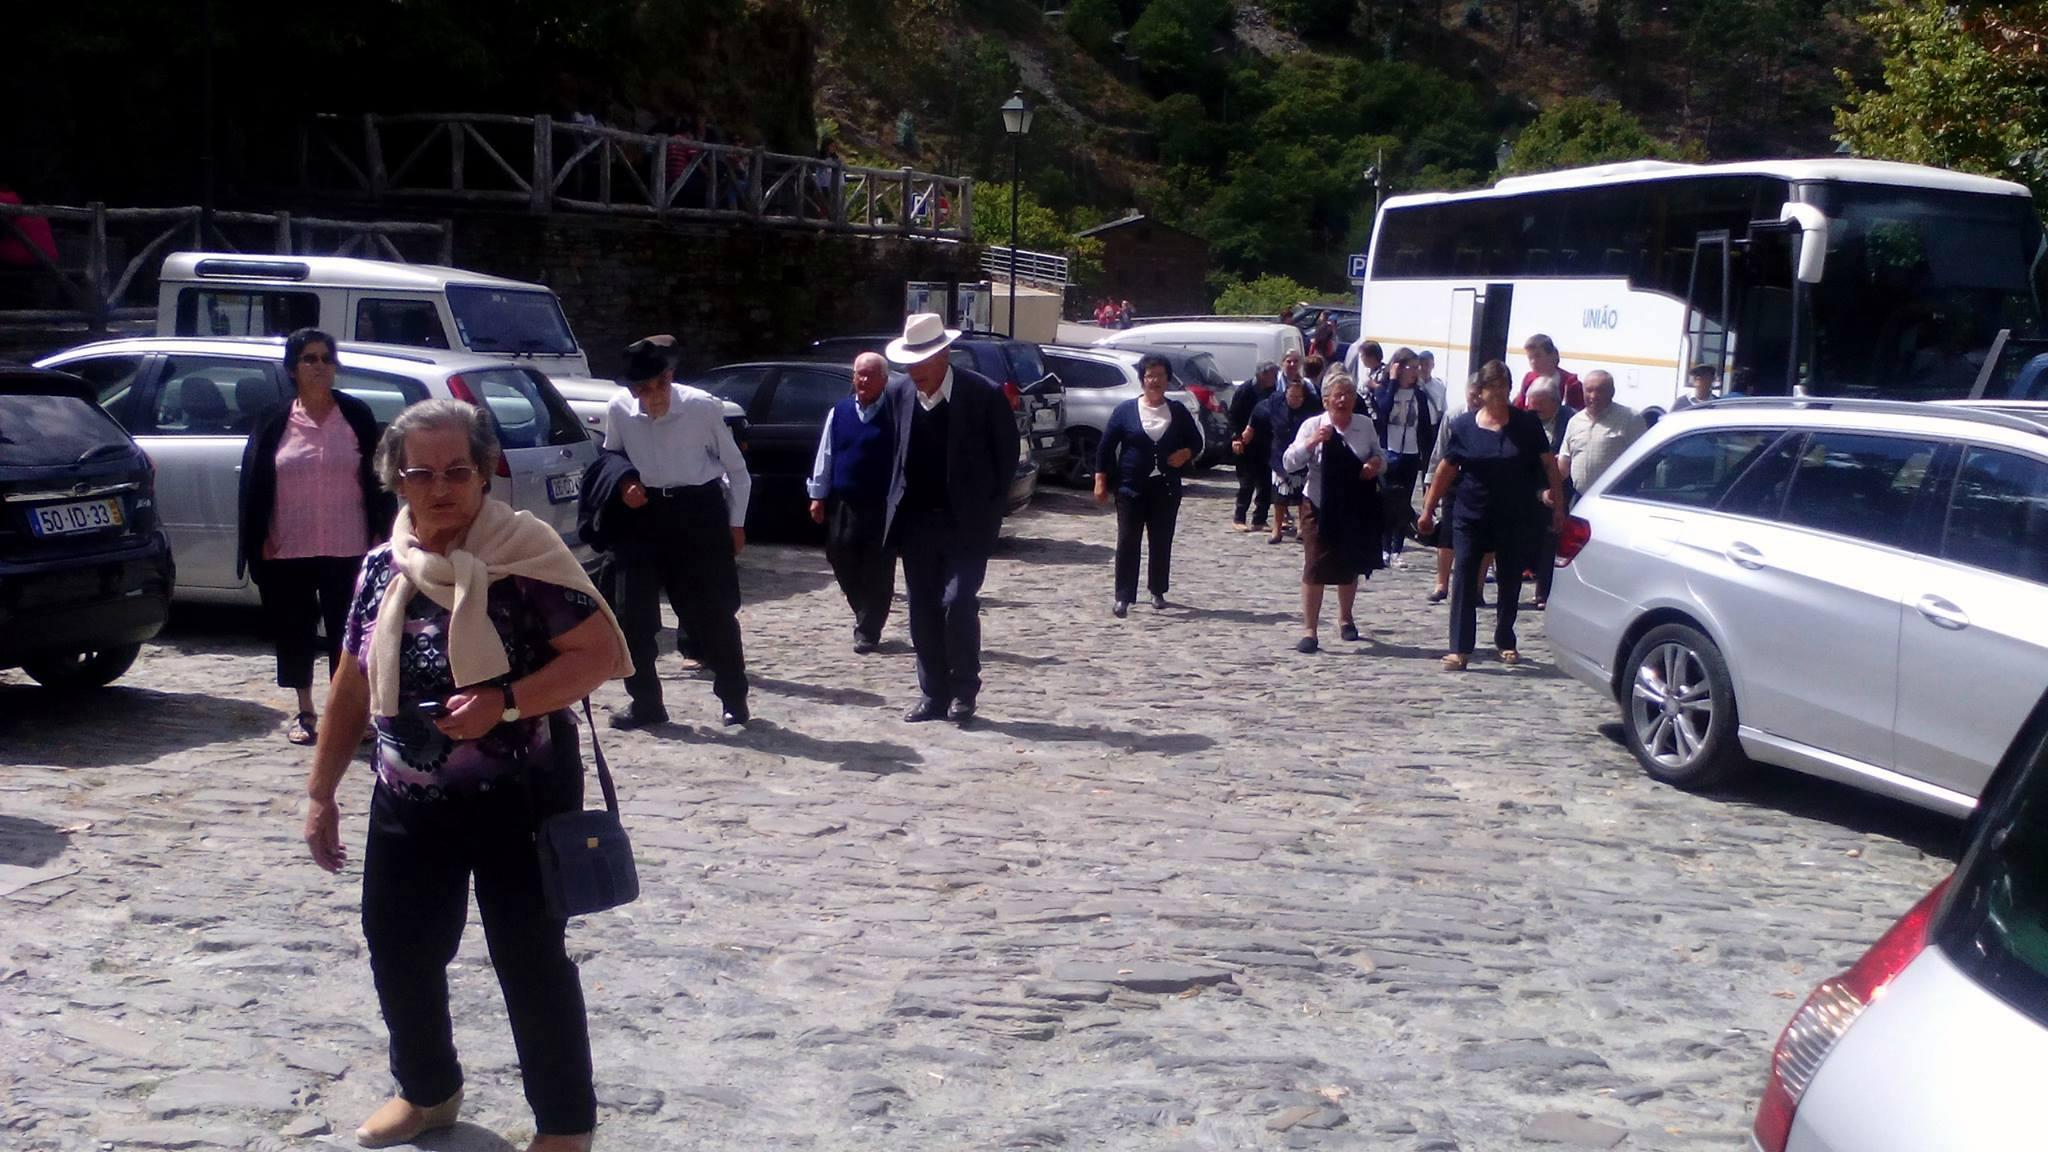 À saída do autocarro, os carapitenses iniciam a visita (foto de Filipe Pinto).